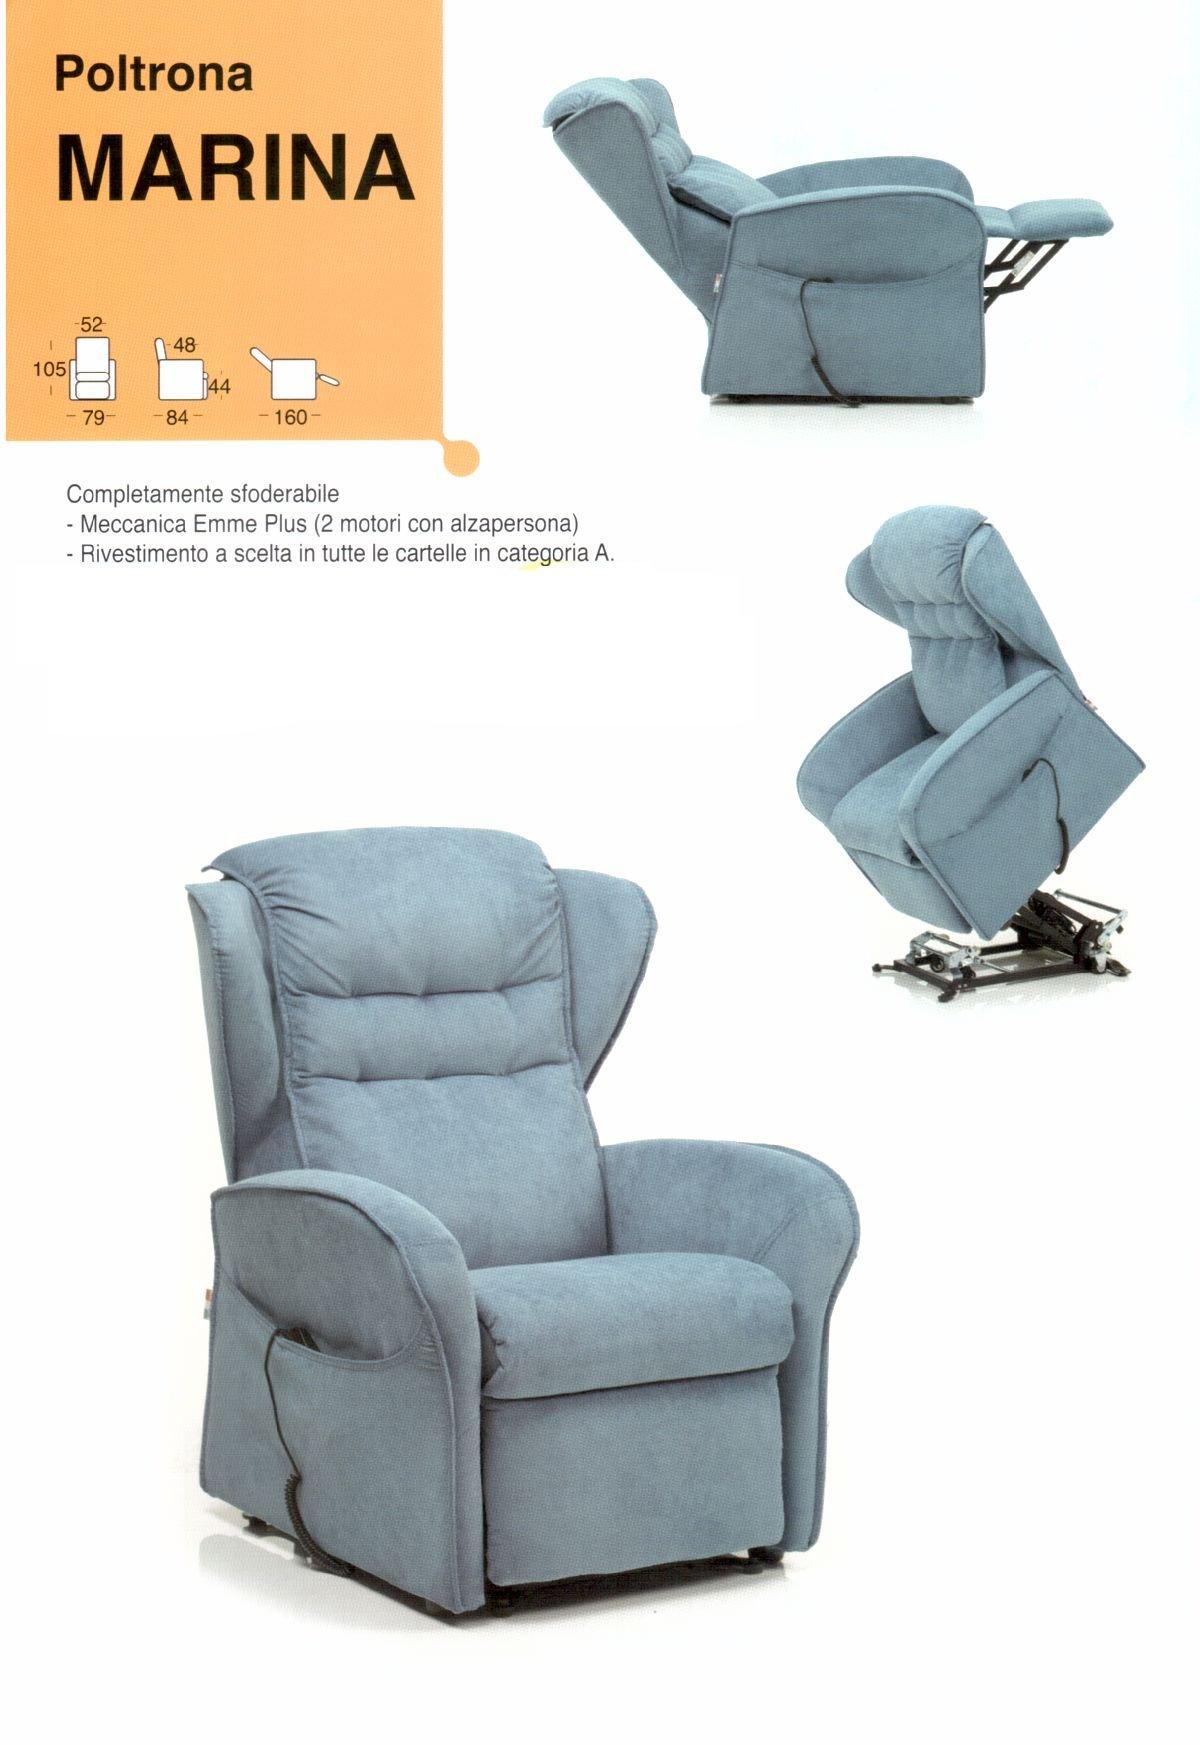 Emejing Poltrone Il Benessere Images - Idee Pratiche e di Design ...